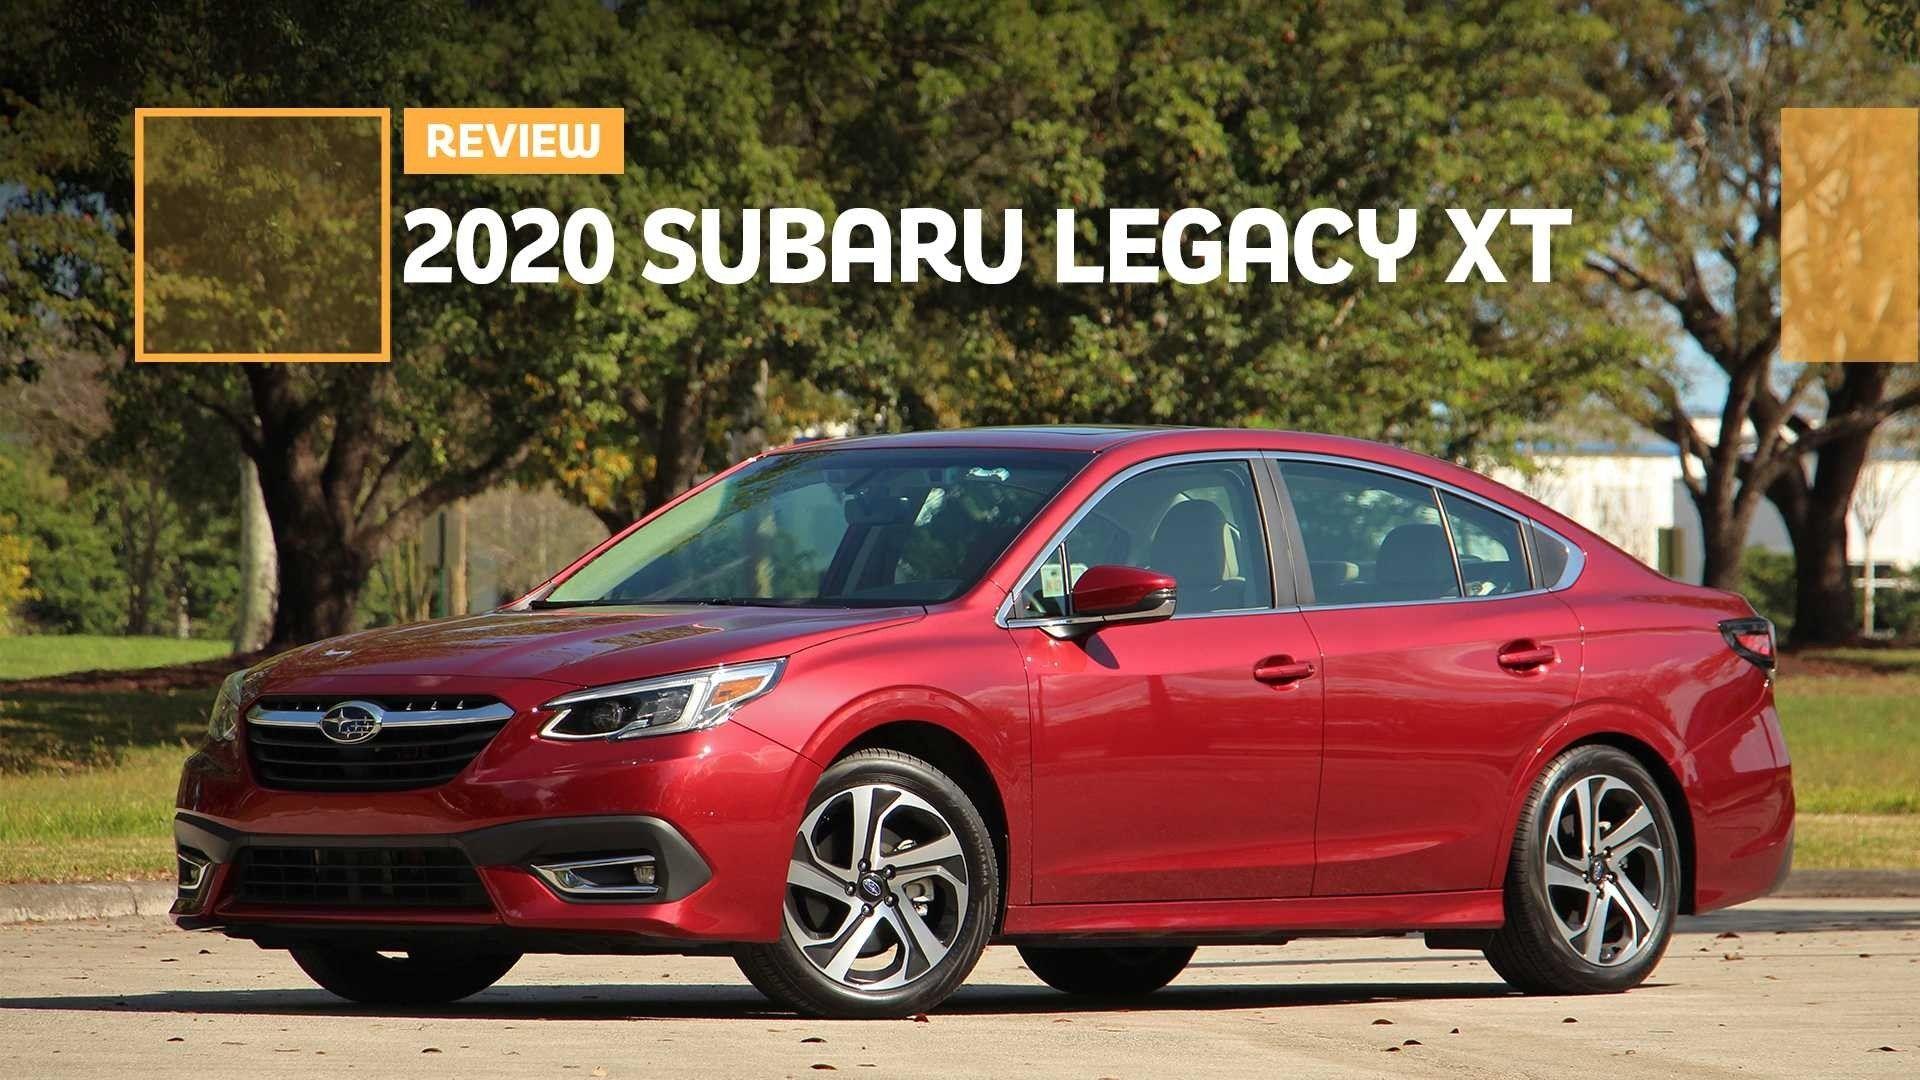 2020 Subaru Legacy Turbo Review Di 2020